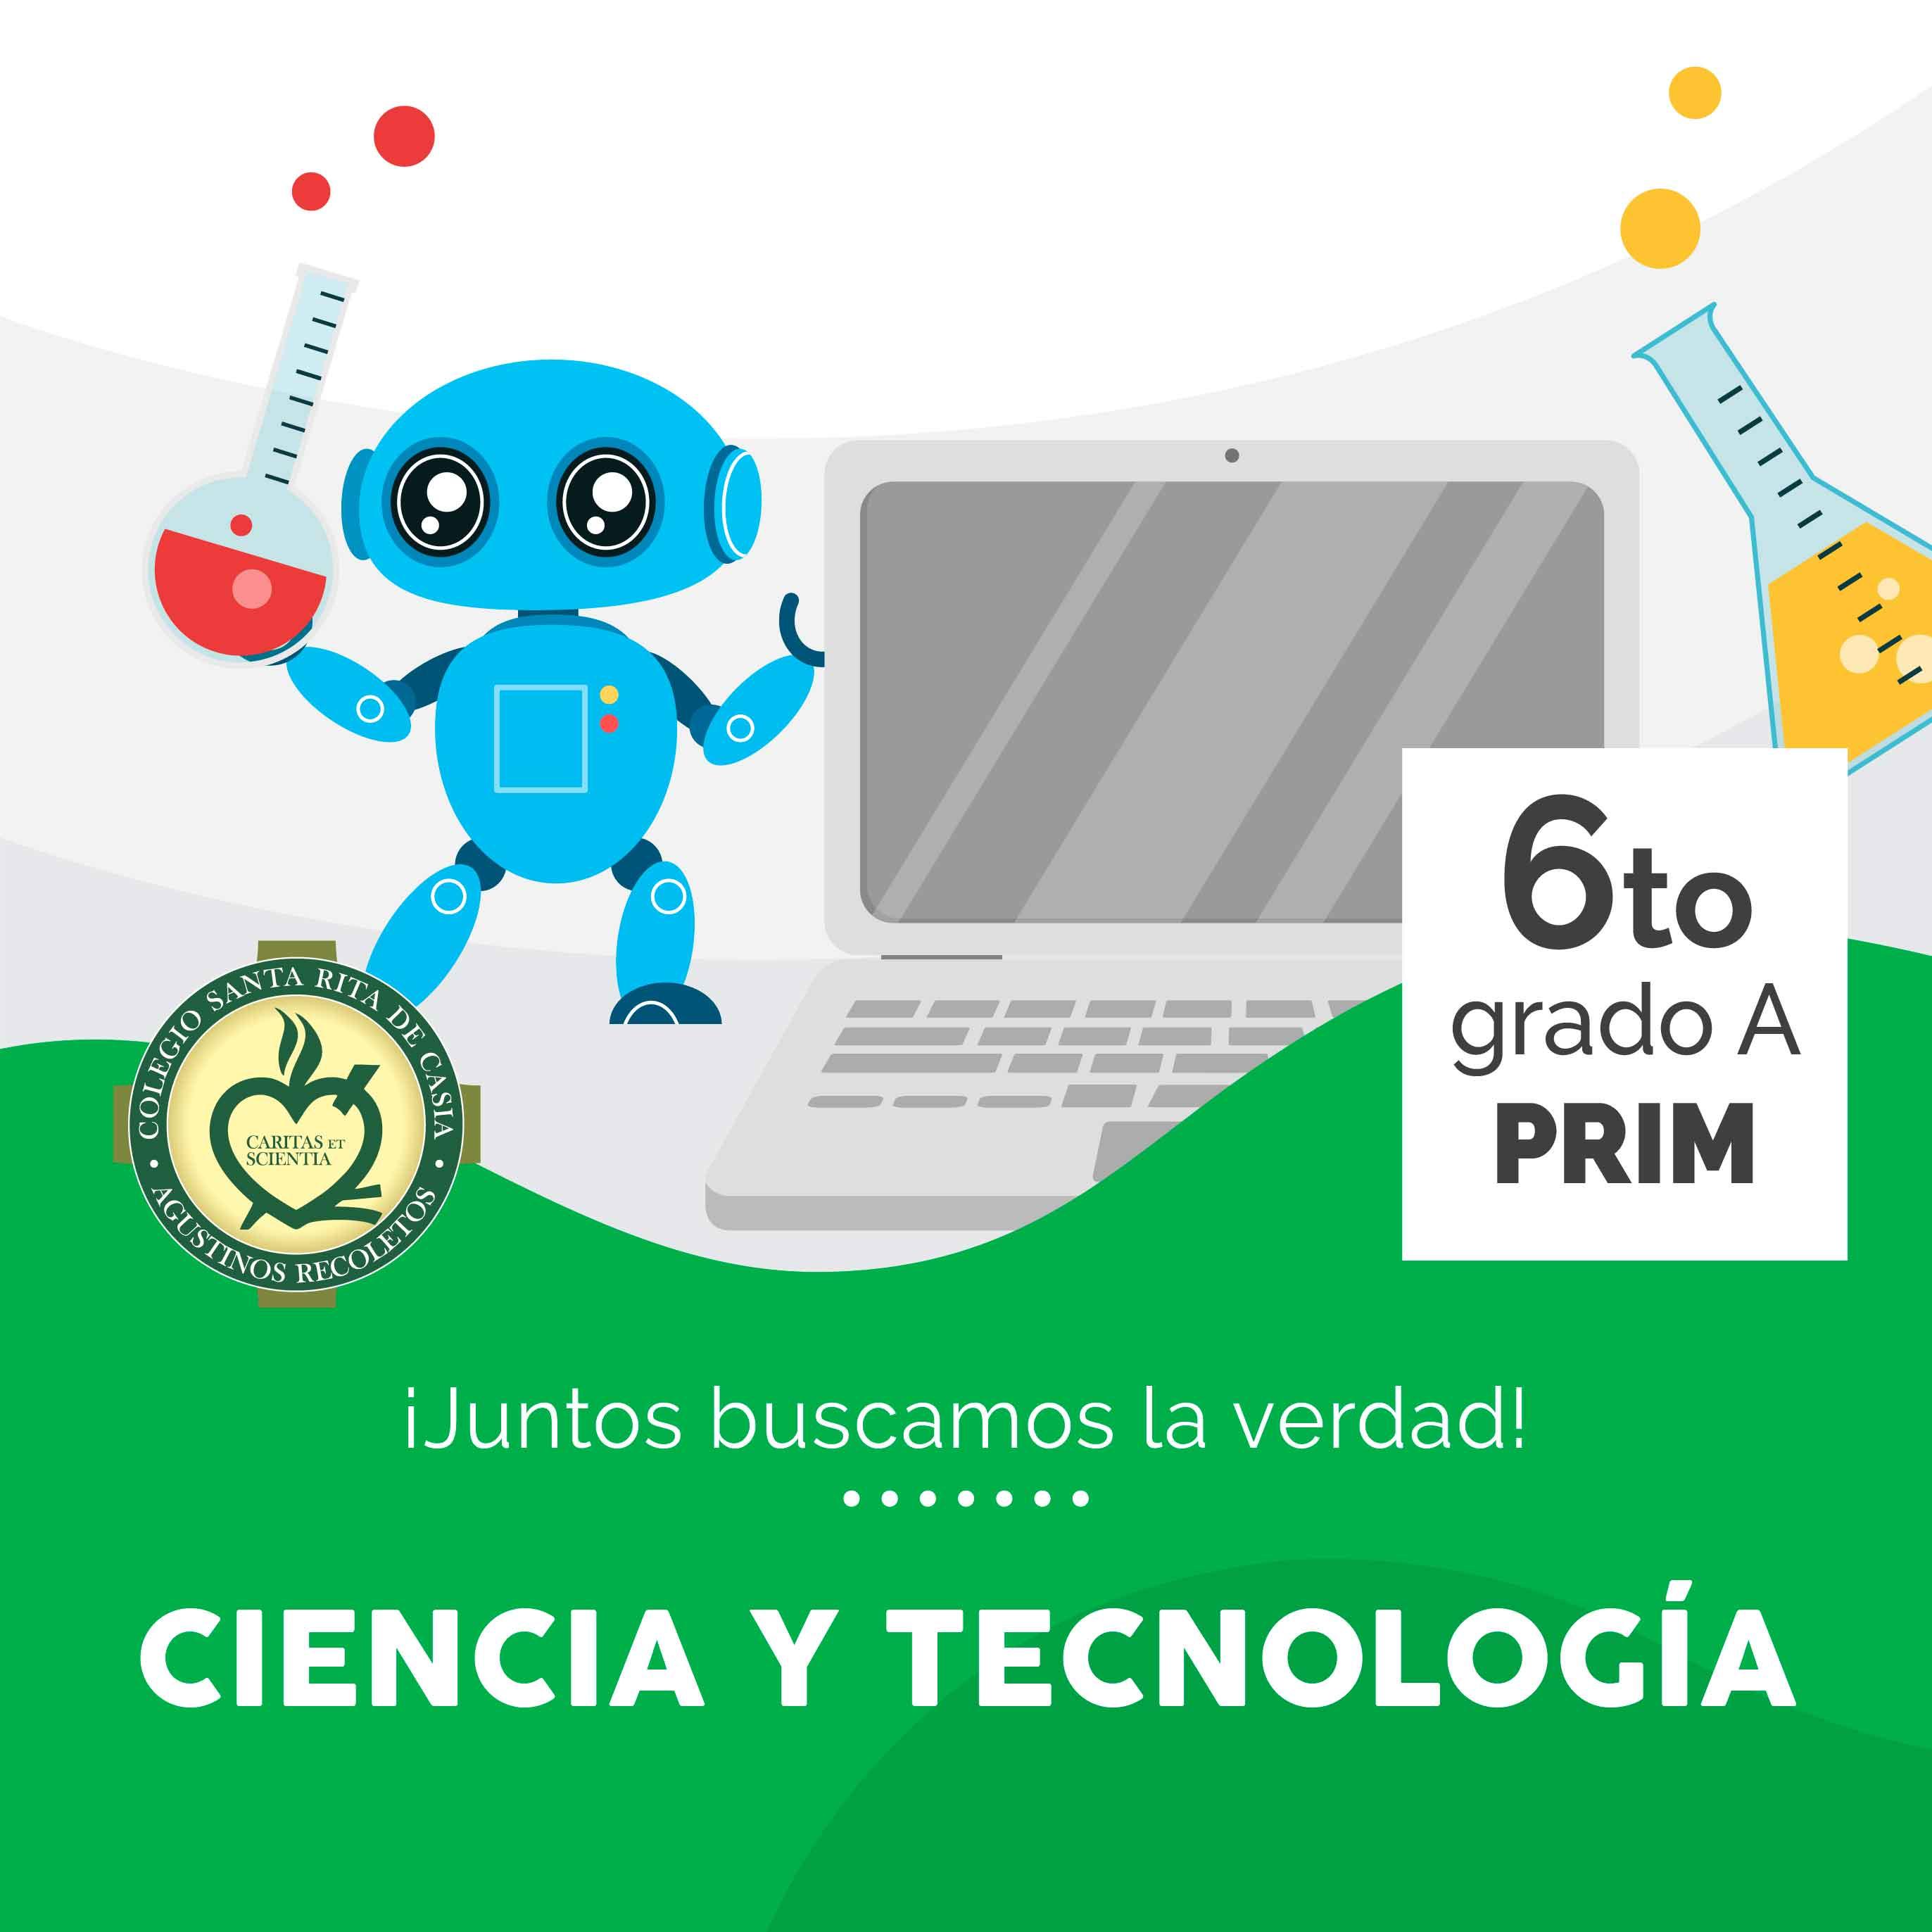 Ciencia y Tecnología 6to Grado A